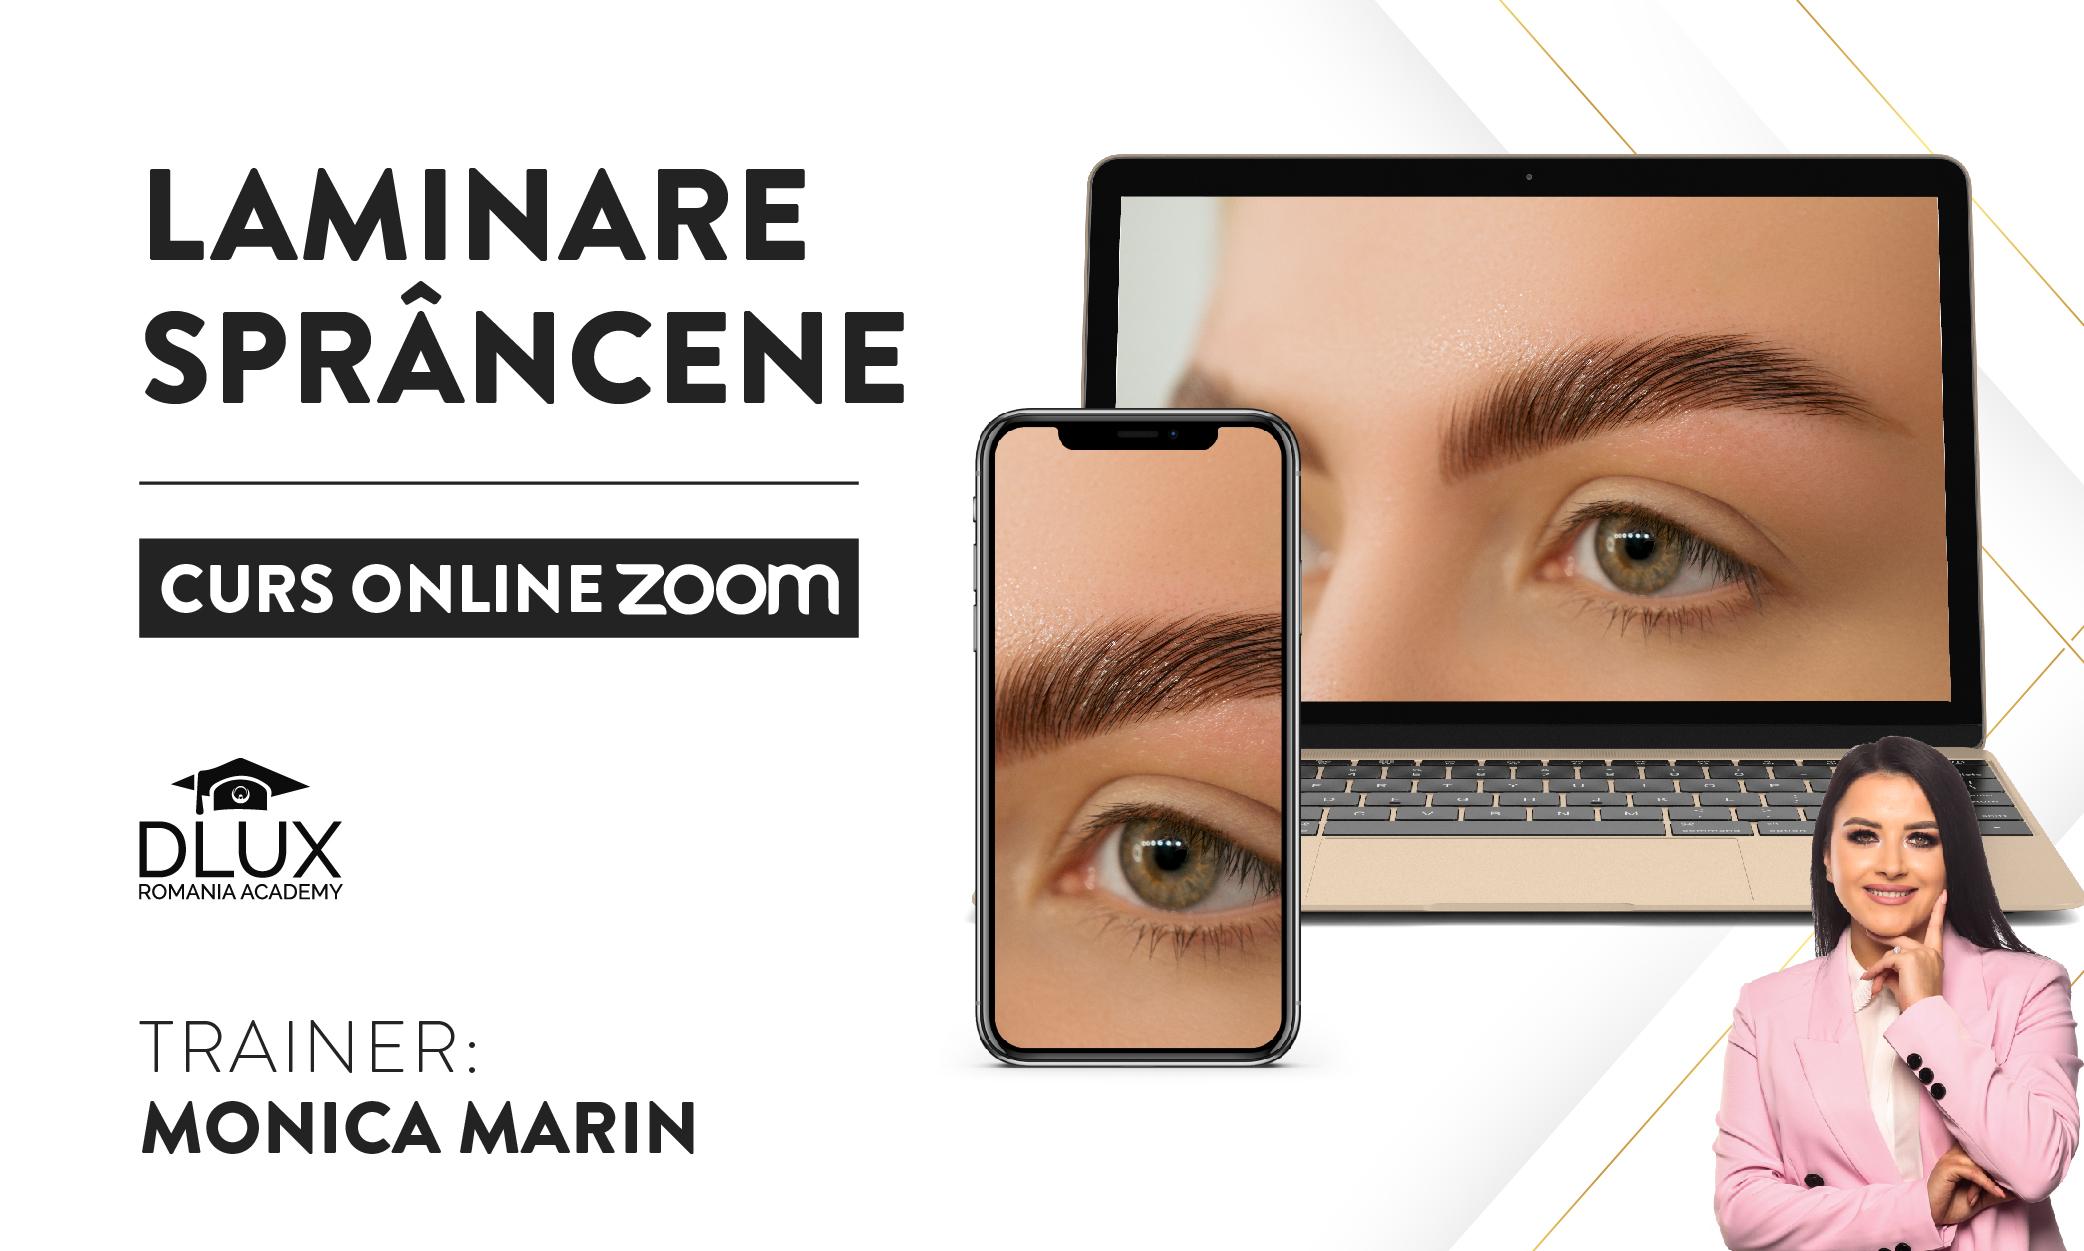 LAMINARE sprancene-01